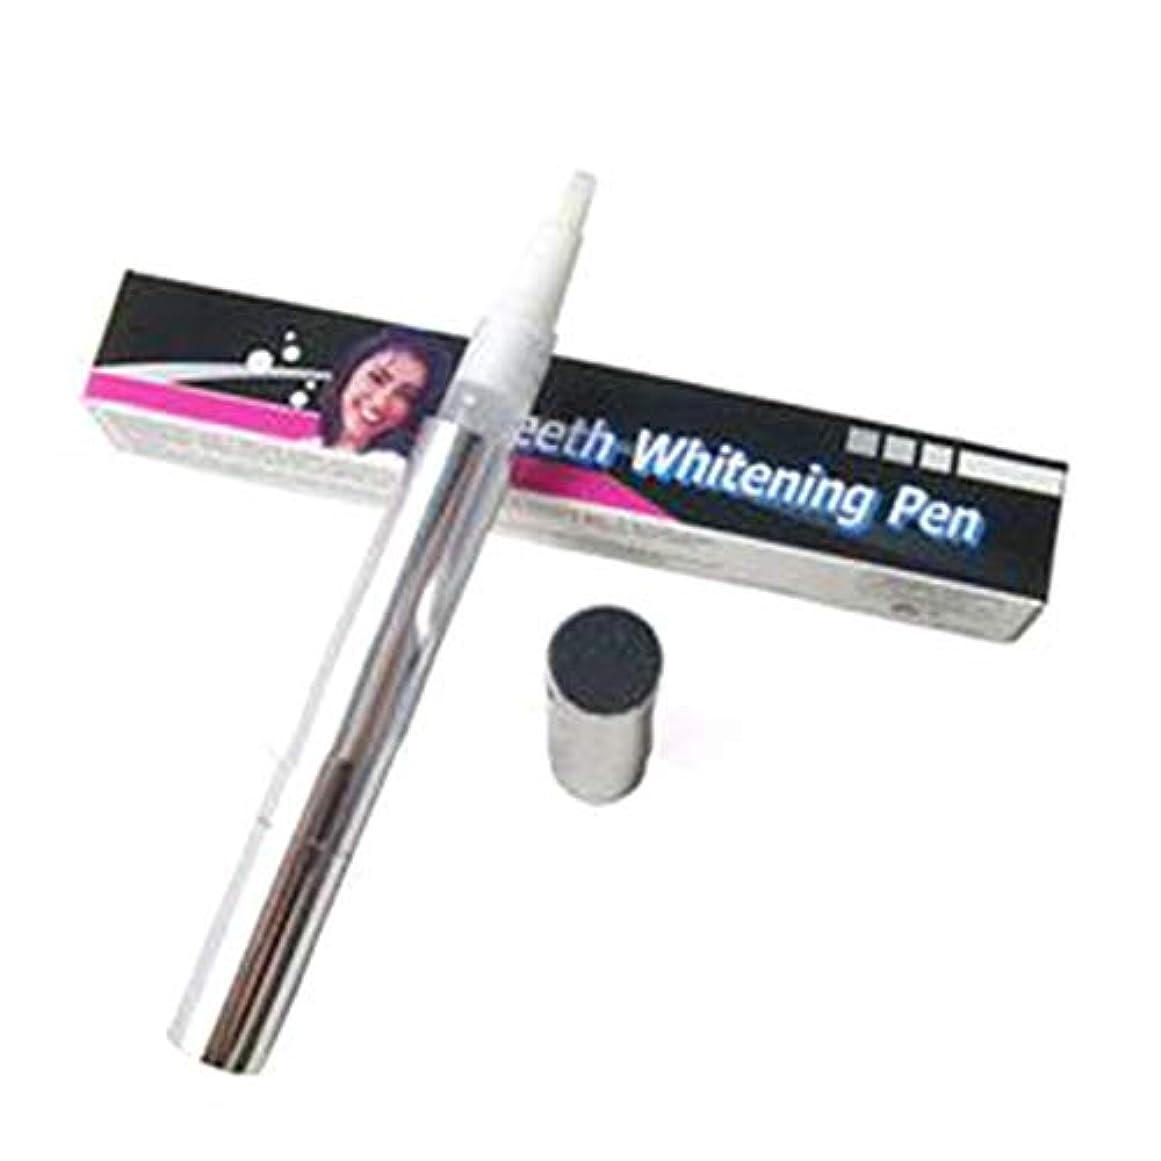 ペンホワイトニングペン強力な汚れ消しゴム除去速い漂白歯ジェルホワイトナー歯科口腔衛生用品 - シルバー